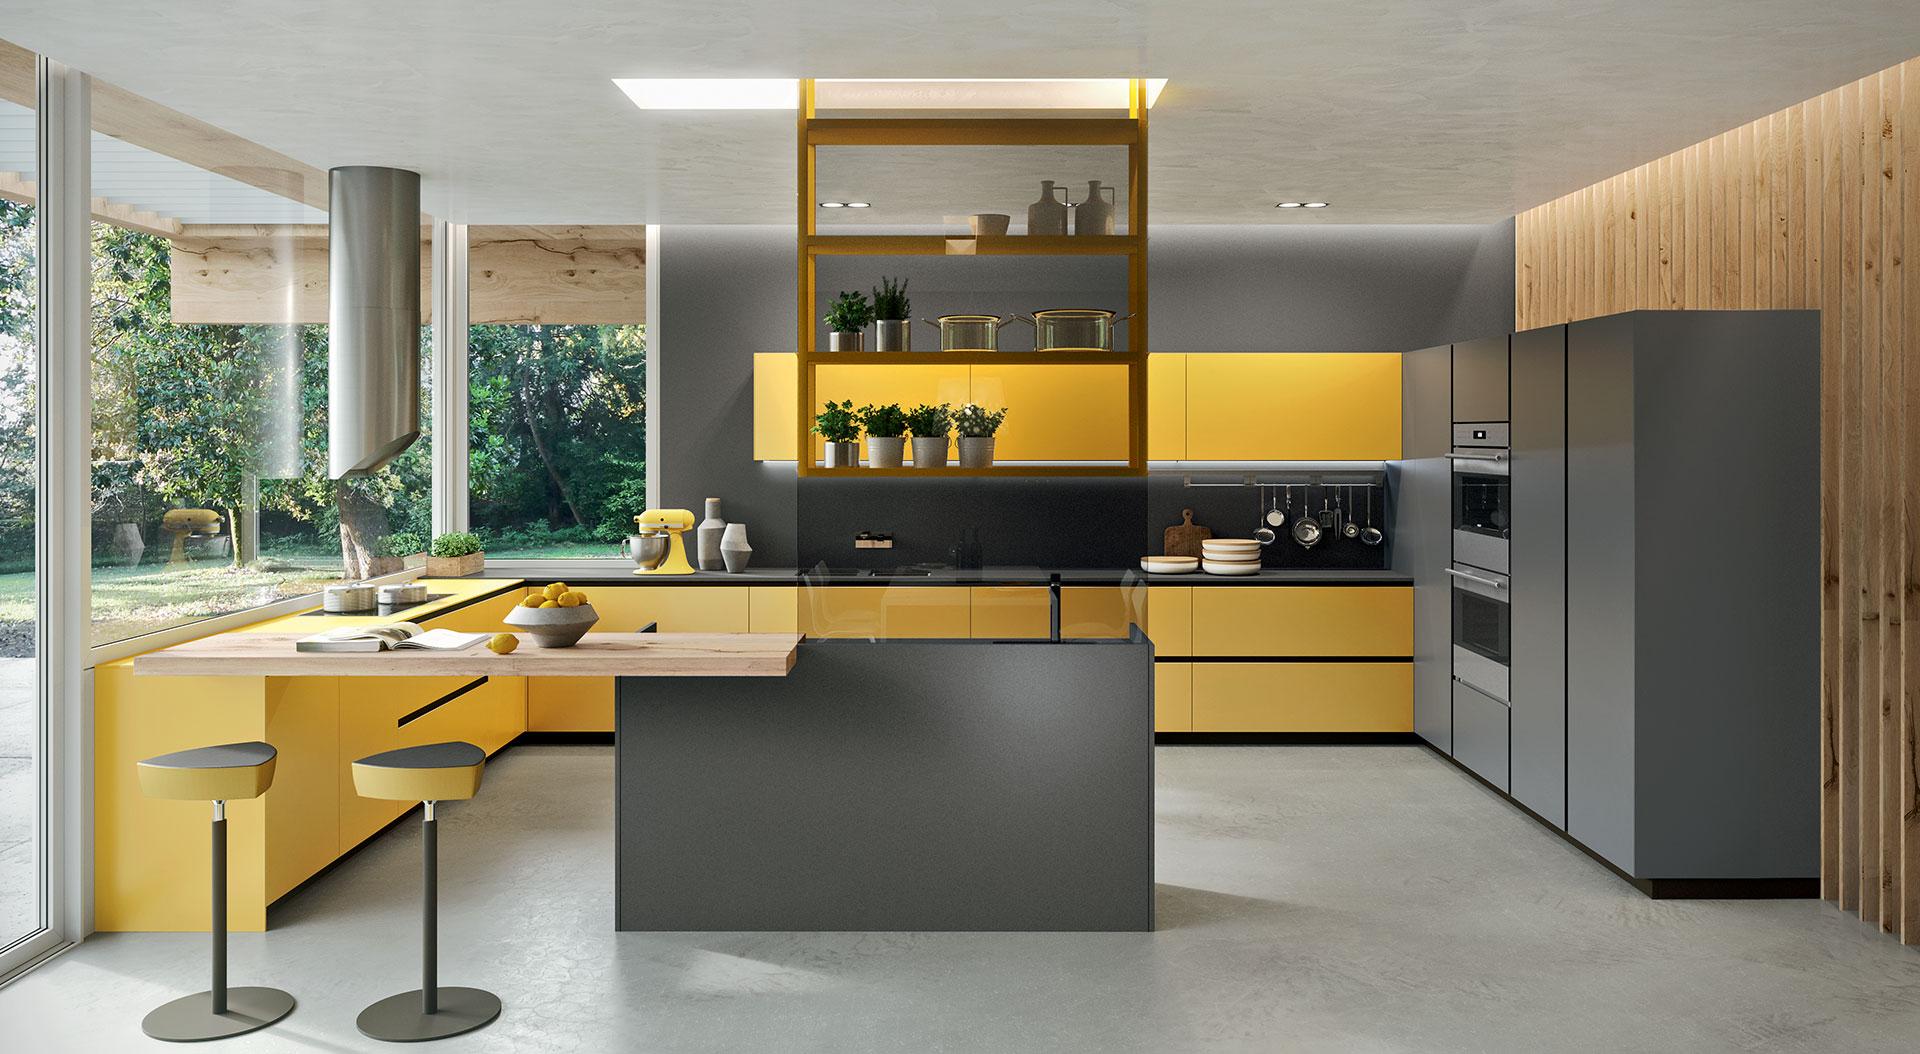 Zebrano cocinas coru a muebles a medida y electrodom sticos - Electrodomesticos profesionales cocina ...